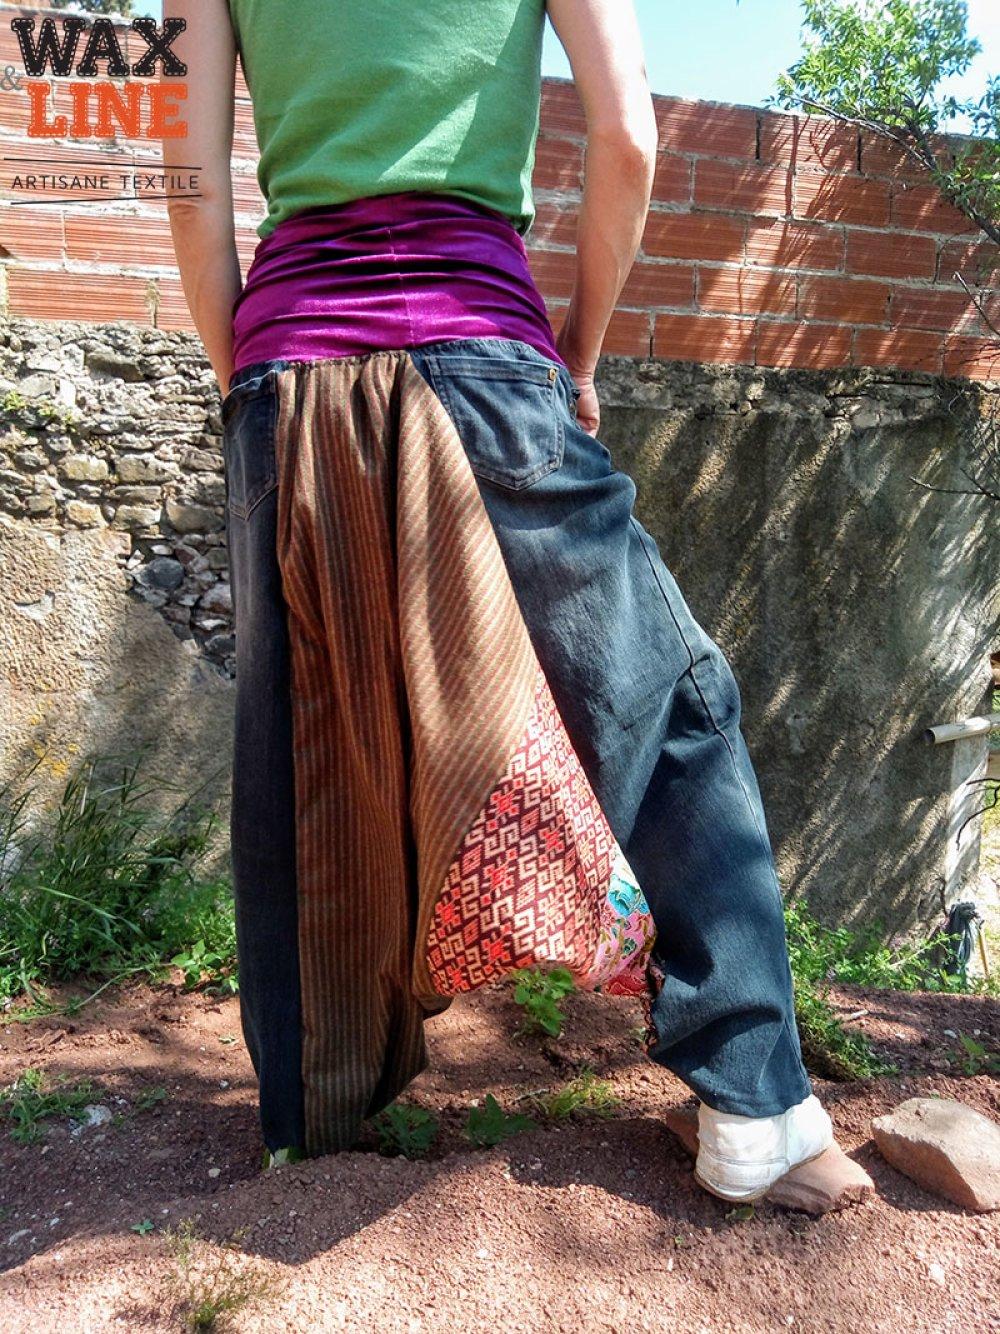 Sarouel femme mixé de jean et wax flashy, taille 38-42, Wax&Line